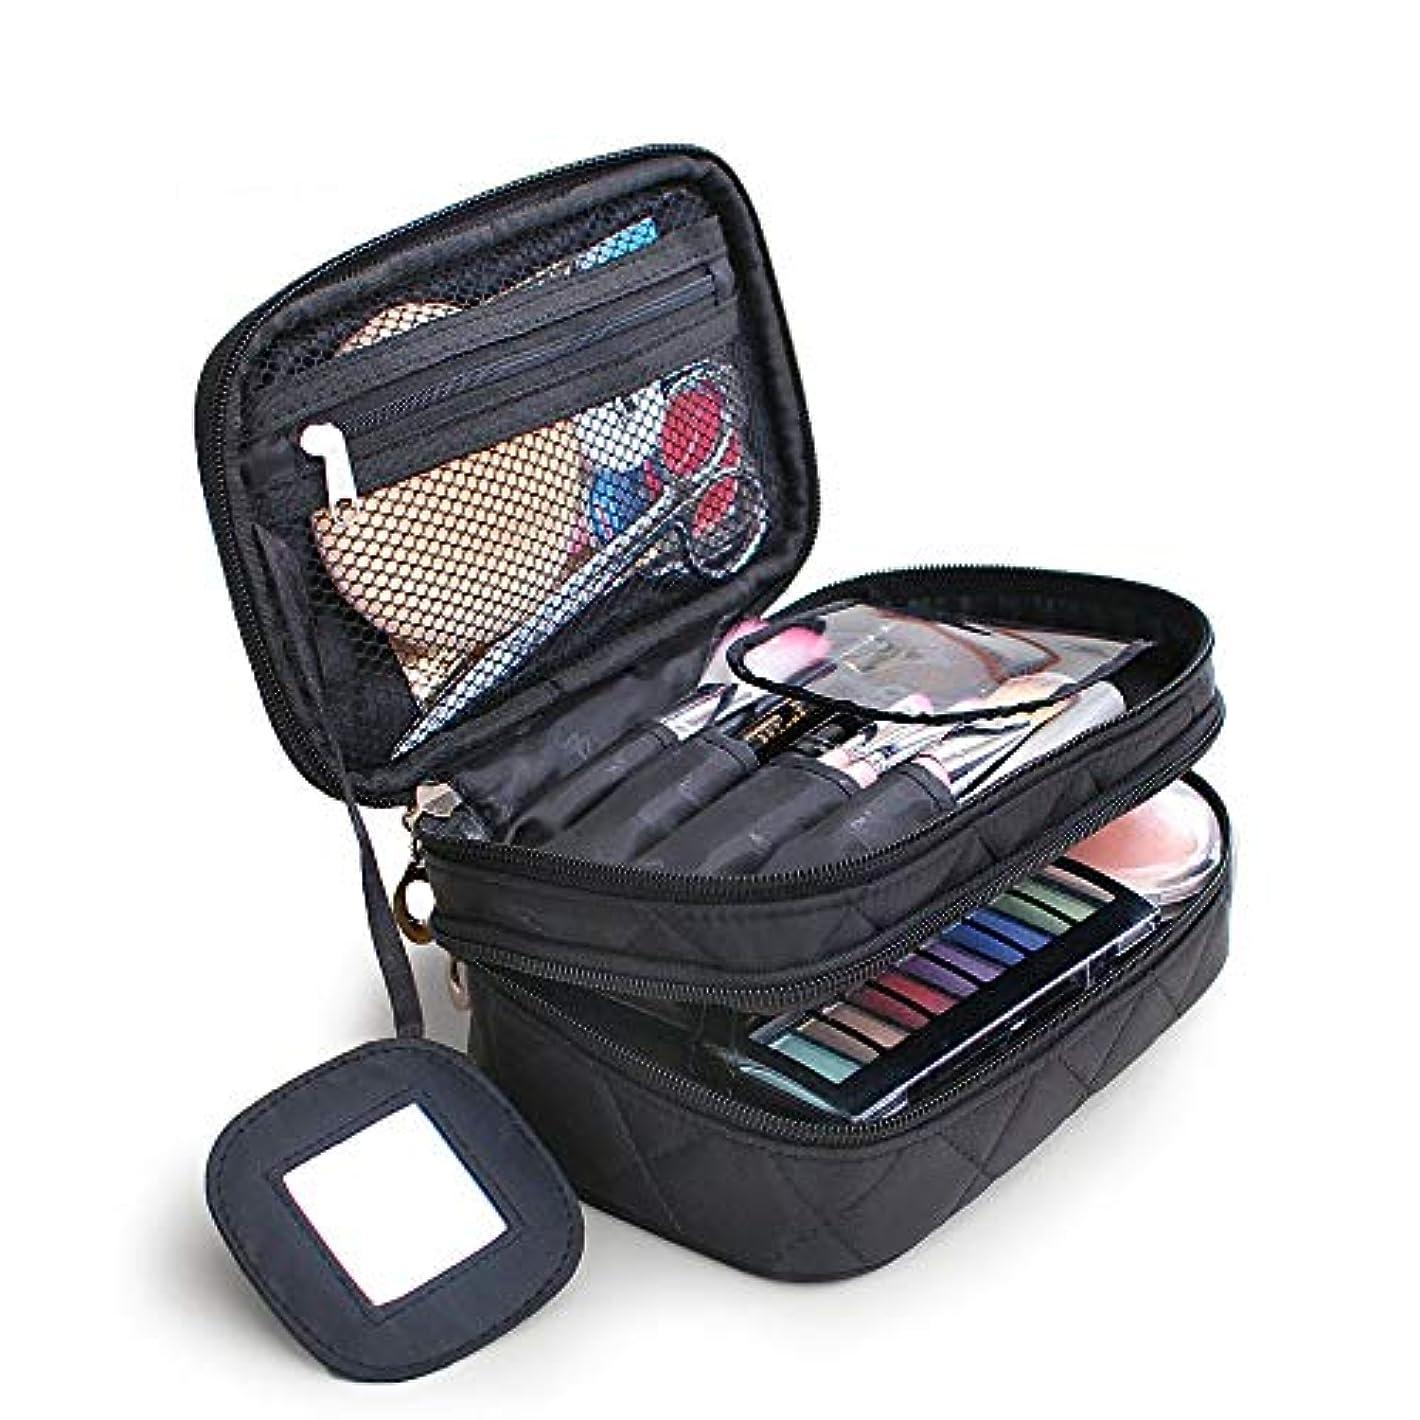 インフラ配分繁雑化粧バッグ プロ 化粧箱 高品質 大容量 化粧品収納バッグ ウォッシュバッグ 防水化粧品ケースナイロンブラック化粧品袋収納袋